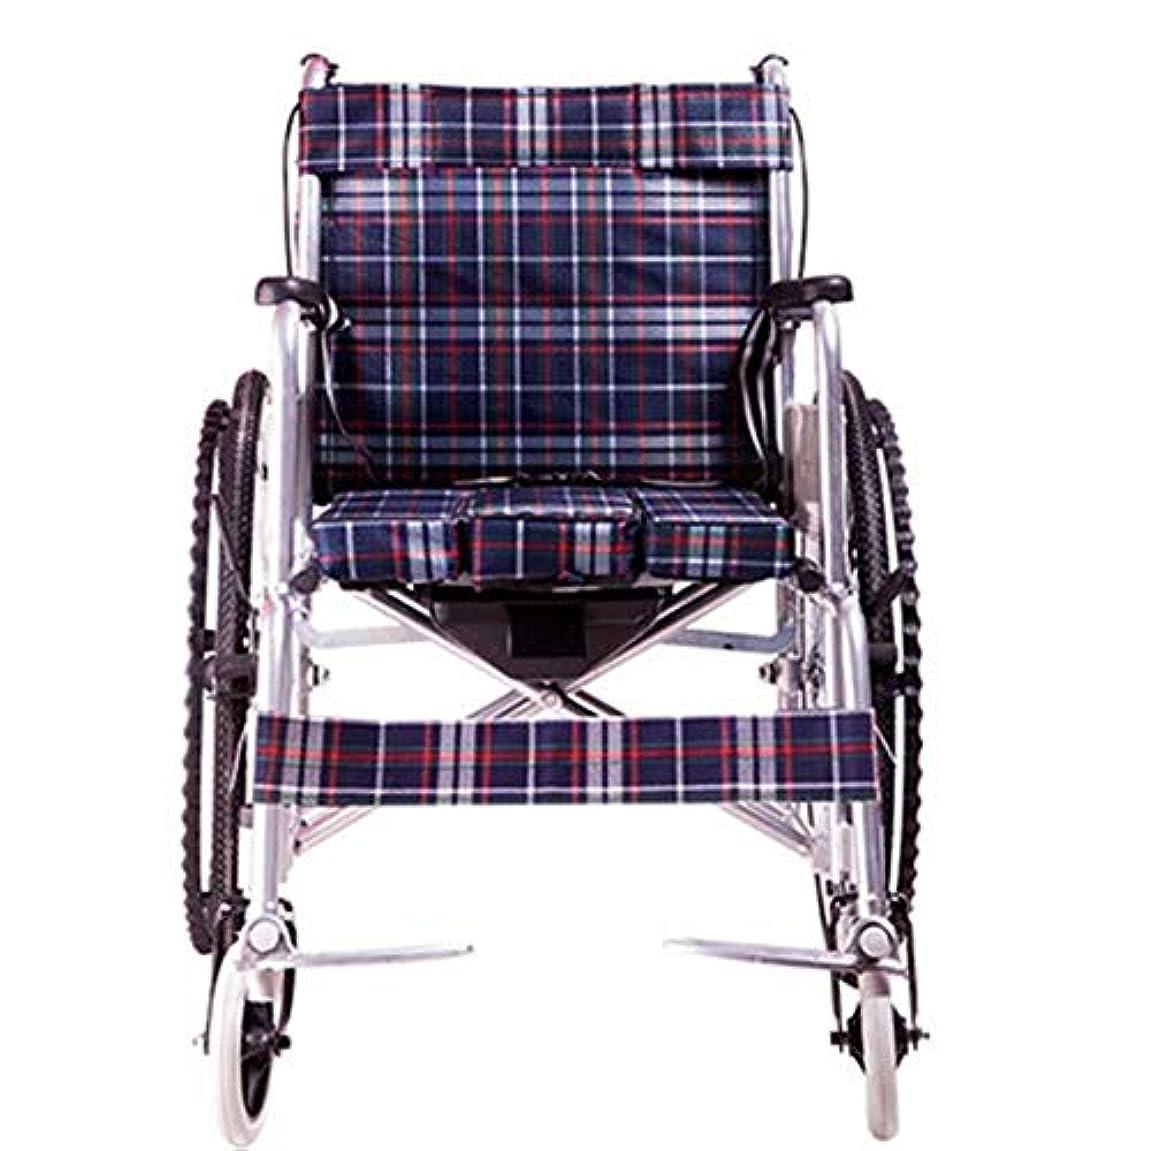 復活フロント観客ハンドブレーキとクイックリリースリアホイールを備えた軽量アルミニウム折りたたみ式セルフプロペール車椅子 (Color : Oxford cloth)